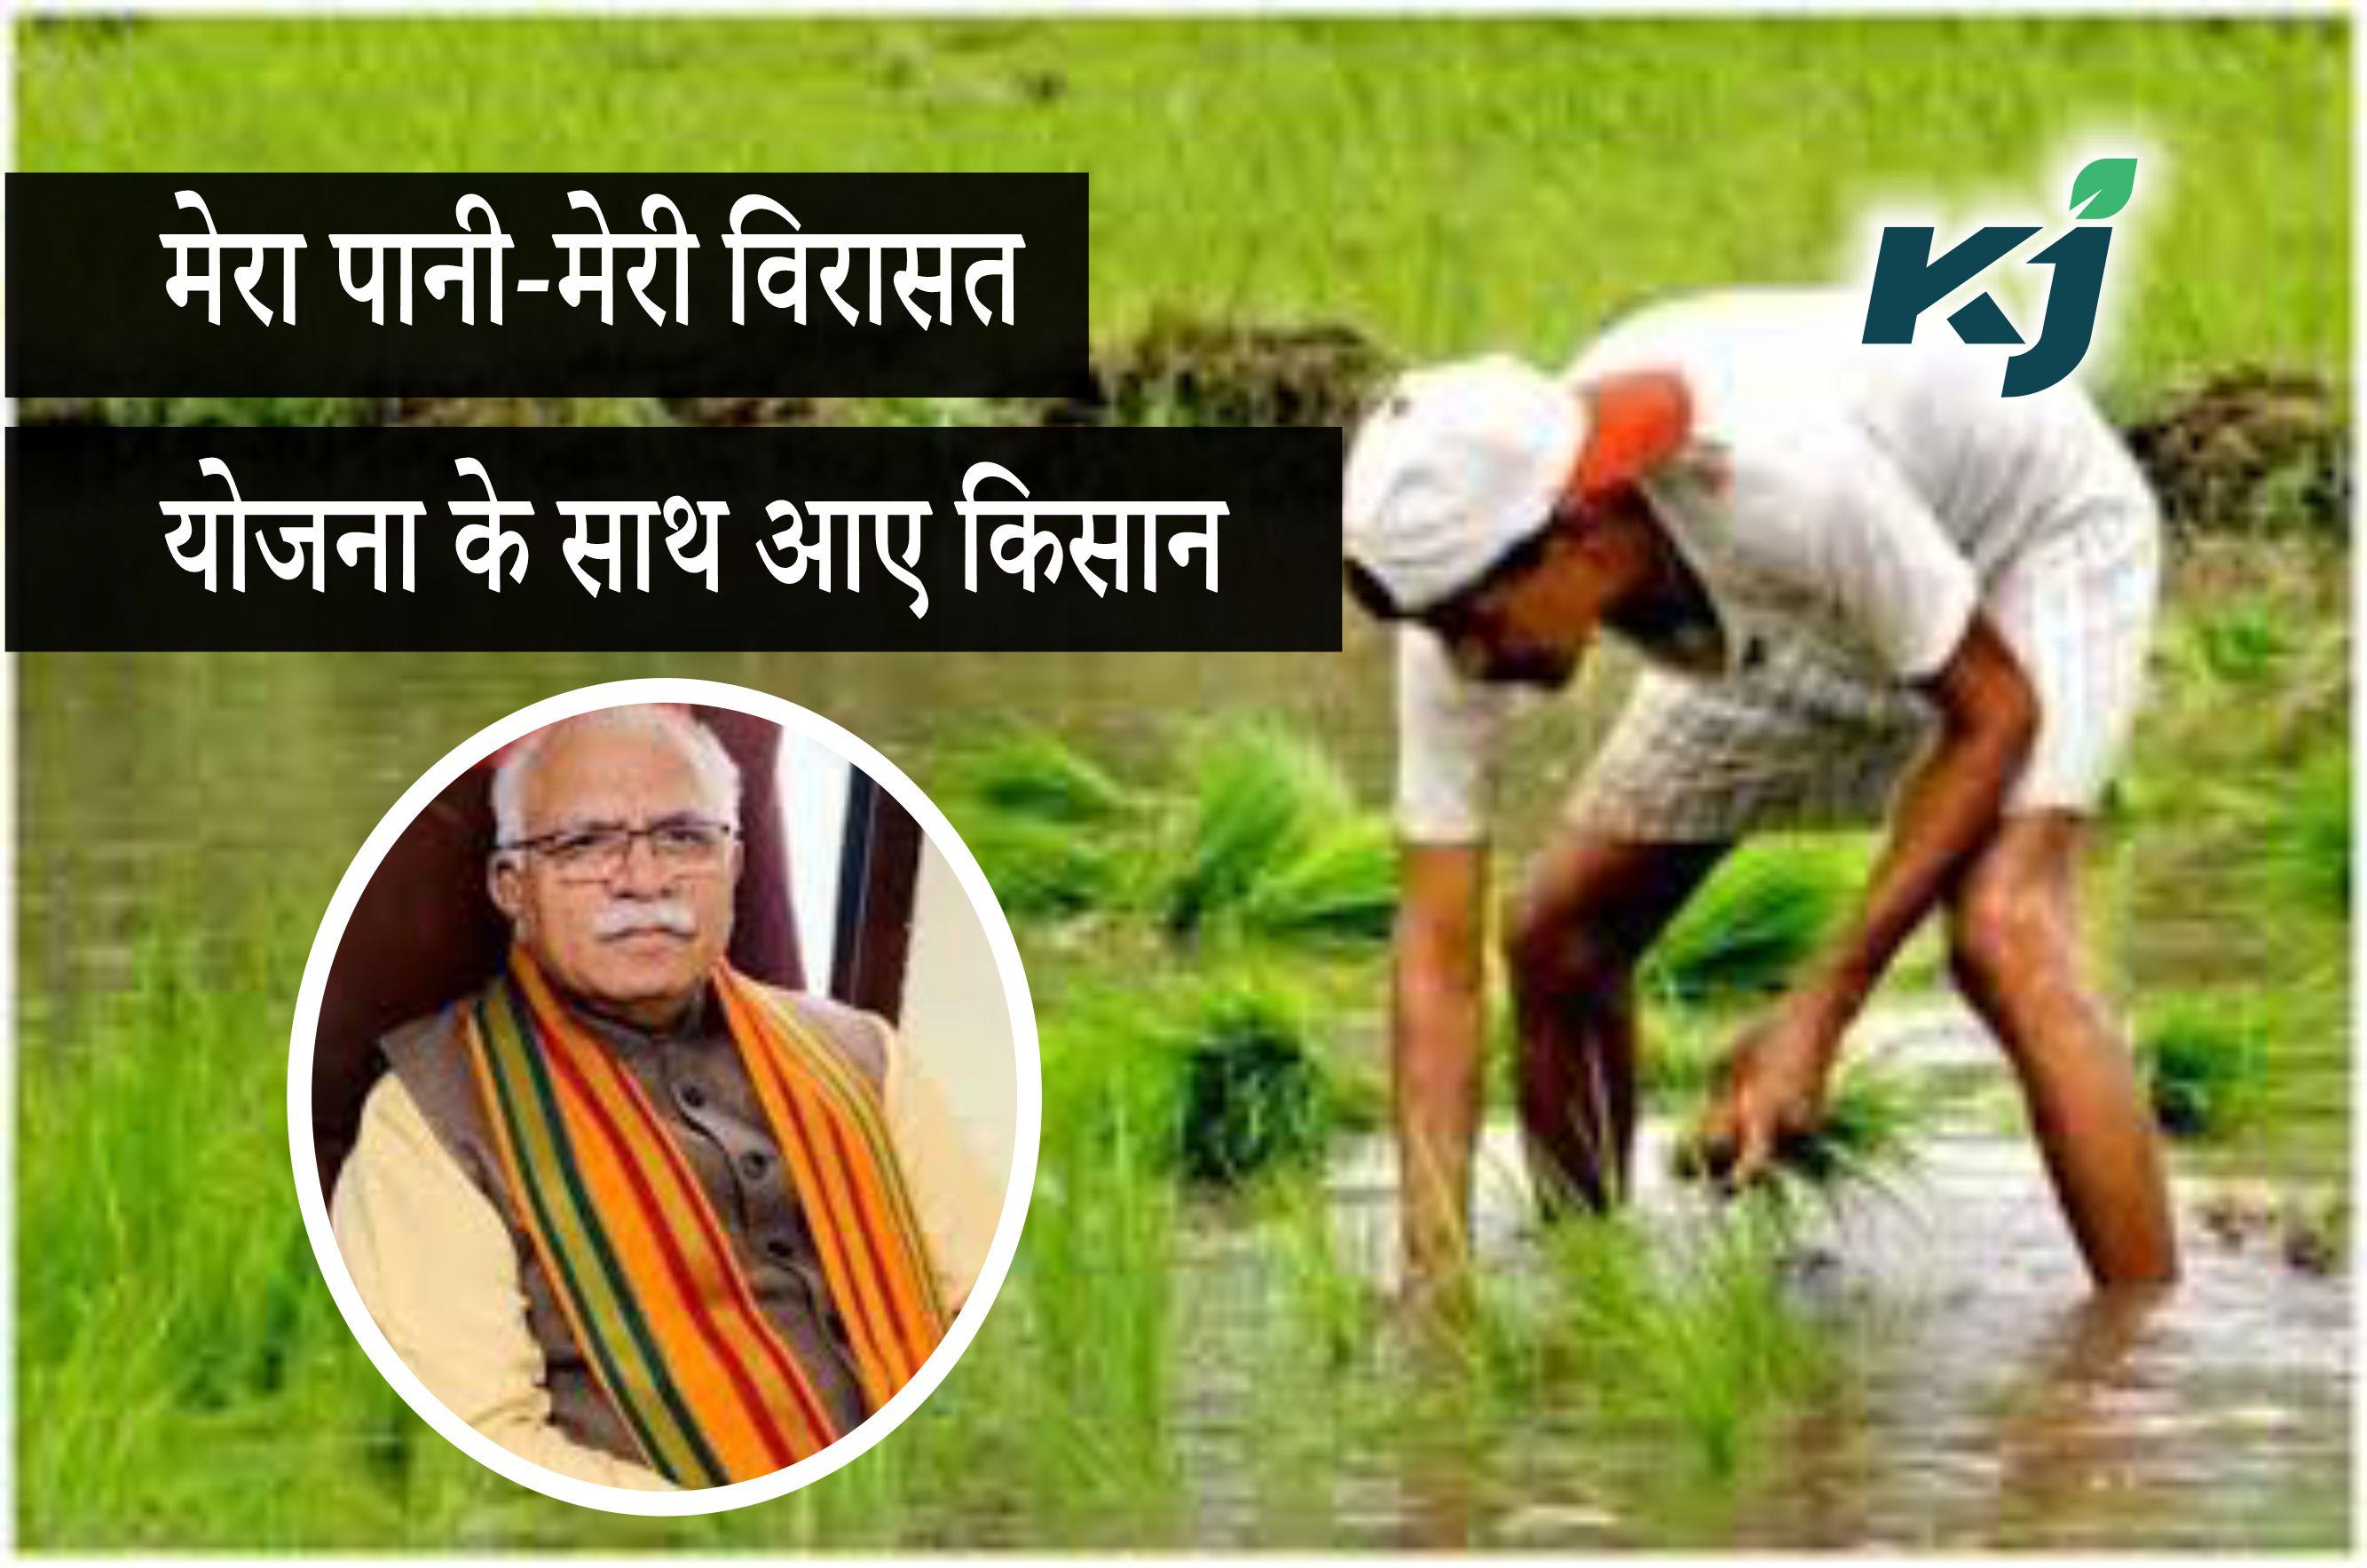 मेरा पानी-मेरी विरासत योजना को लगातार मिल रहा किसानों का समर्थन, भू-जल को बचाने का लिया संकल्प